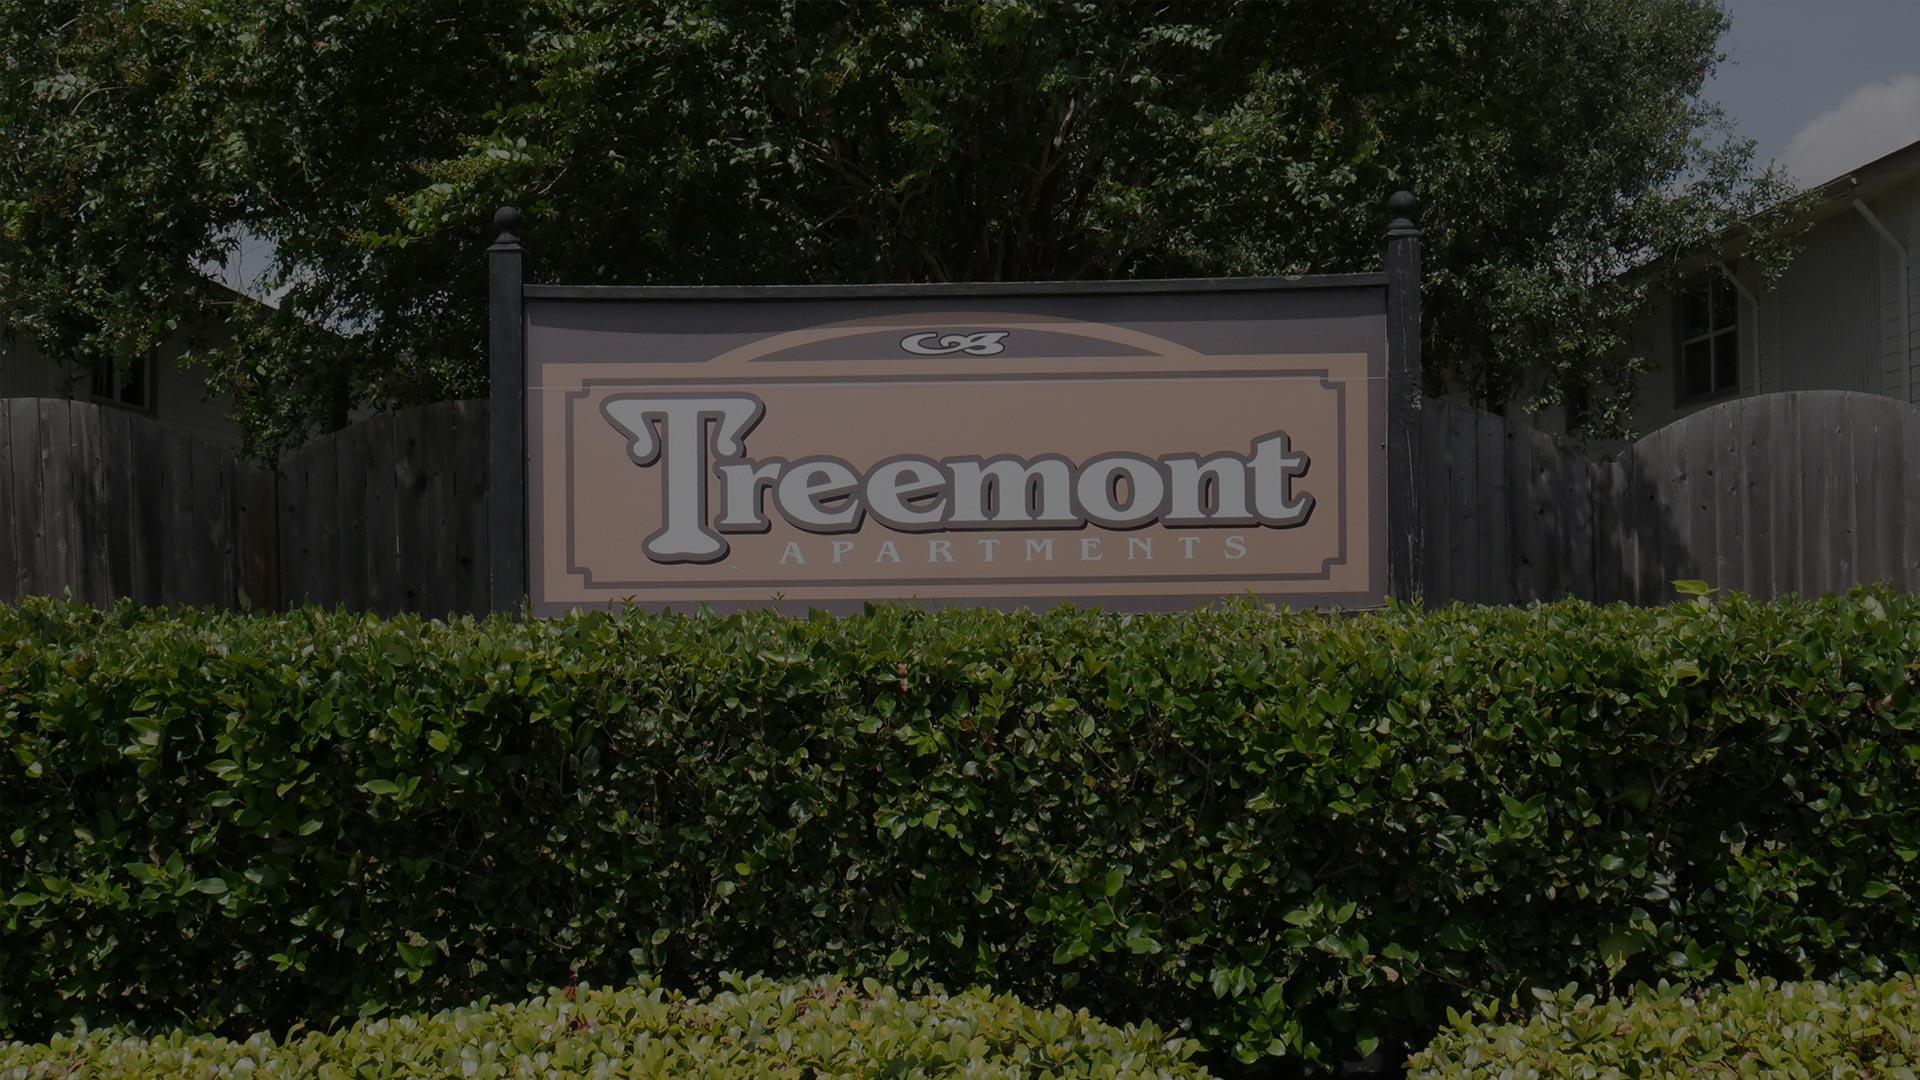 Treemont Apartments